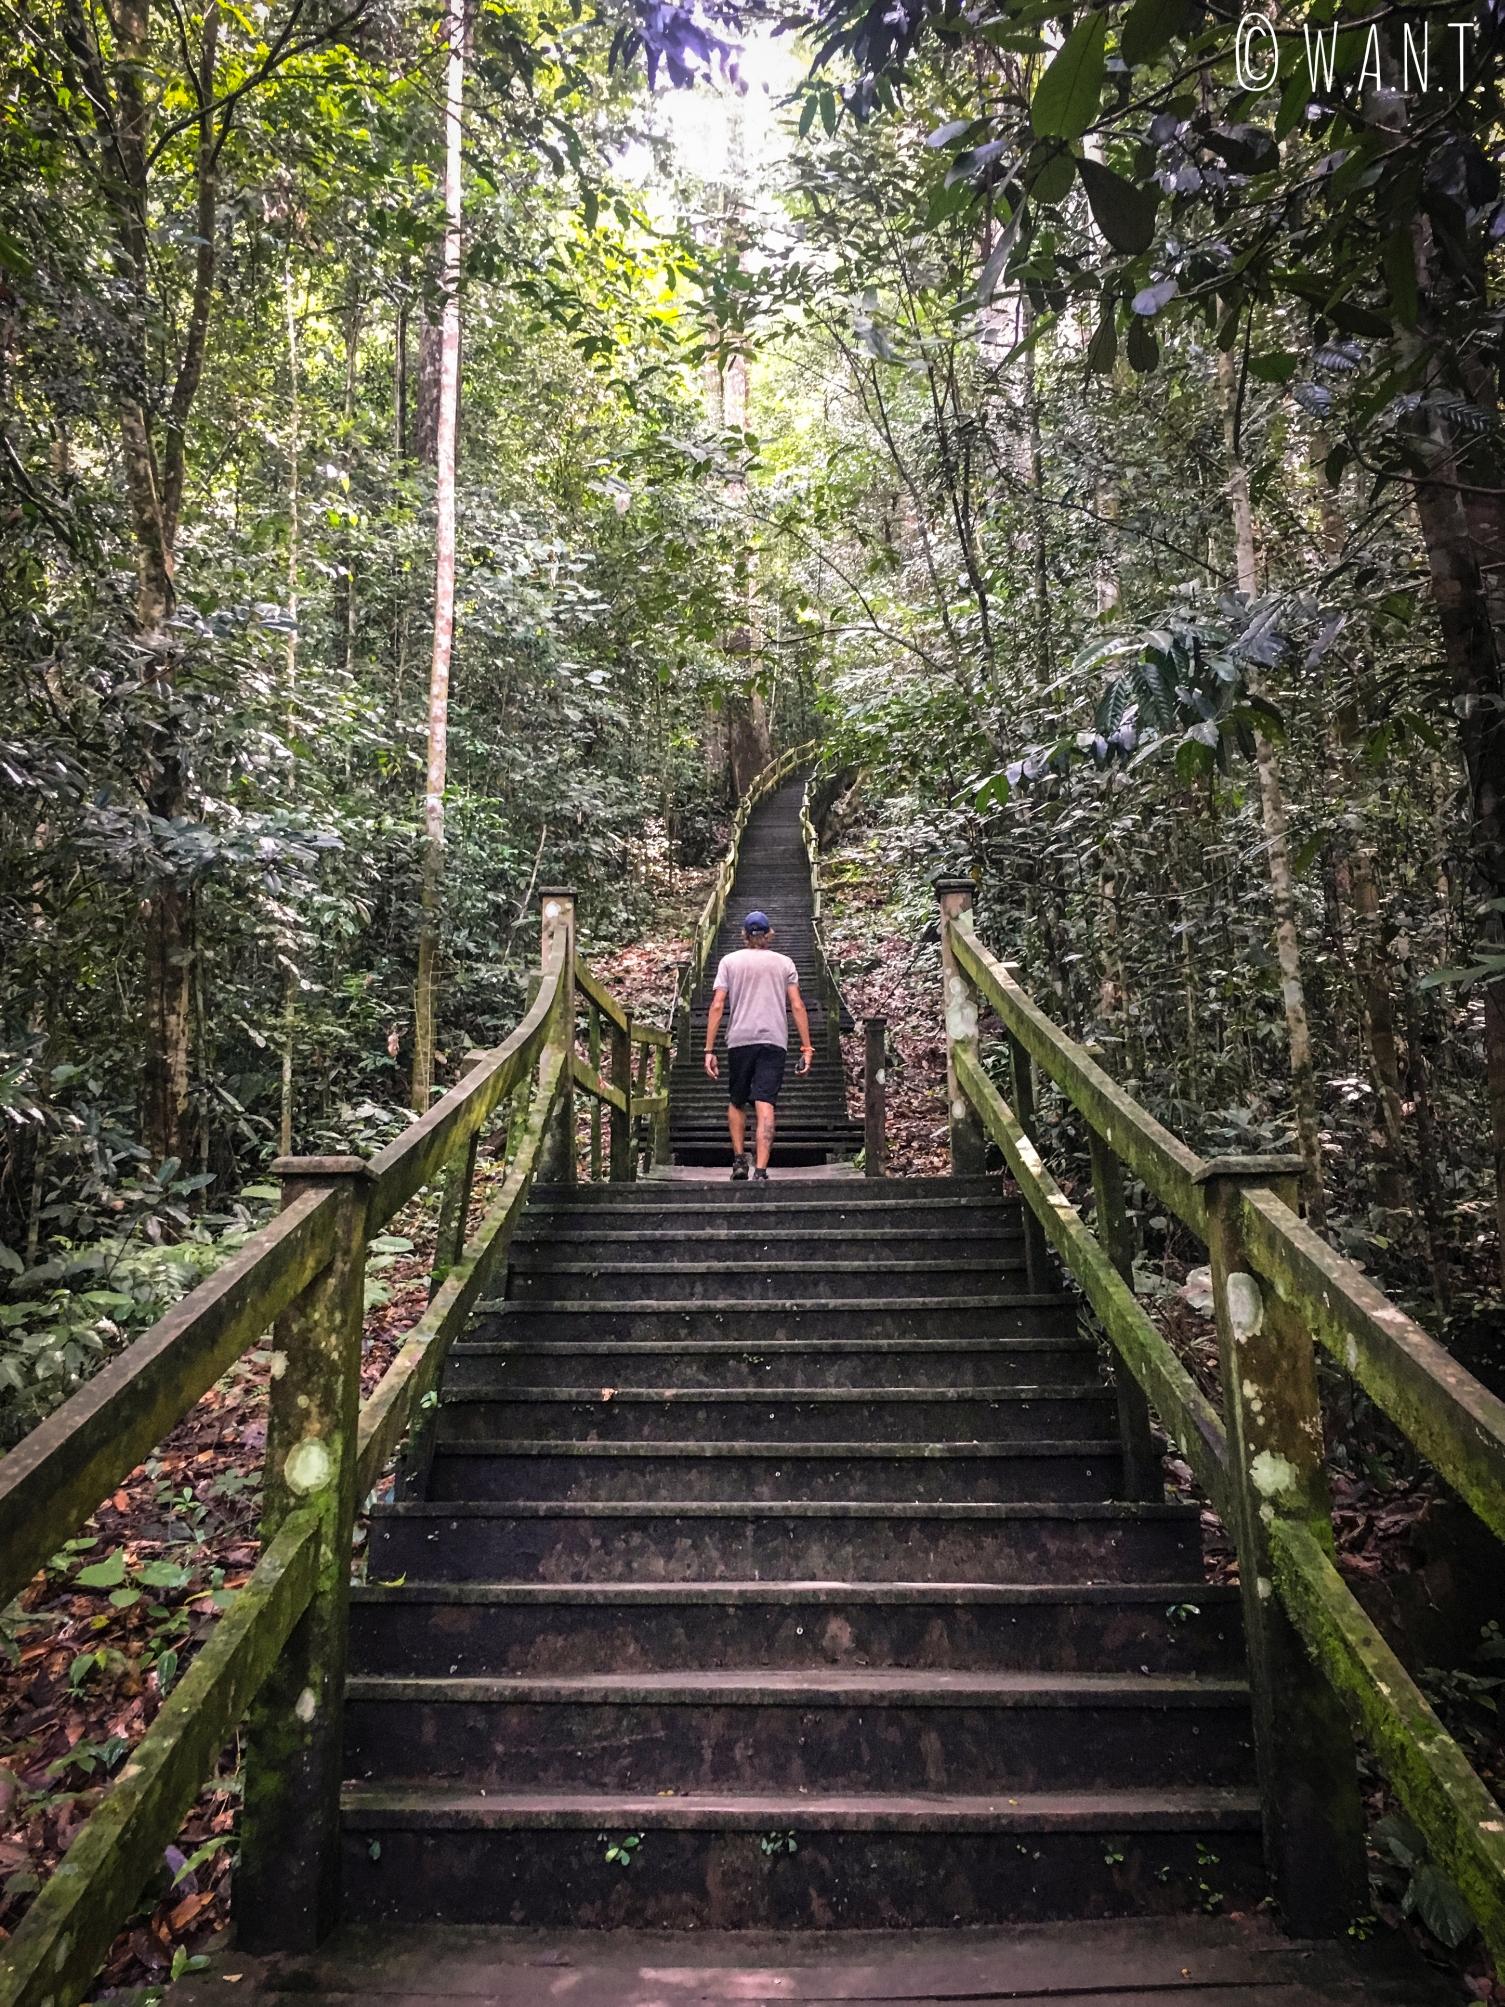 Benjamin dans les escaliers menant à la canopée au Parc national Ulu Temburong au Brunei